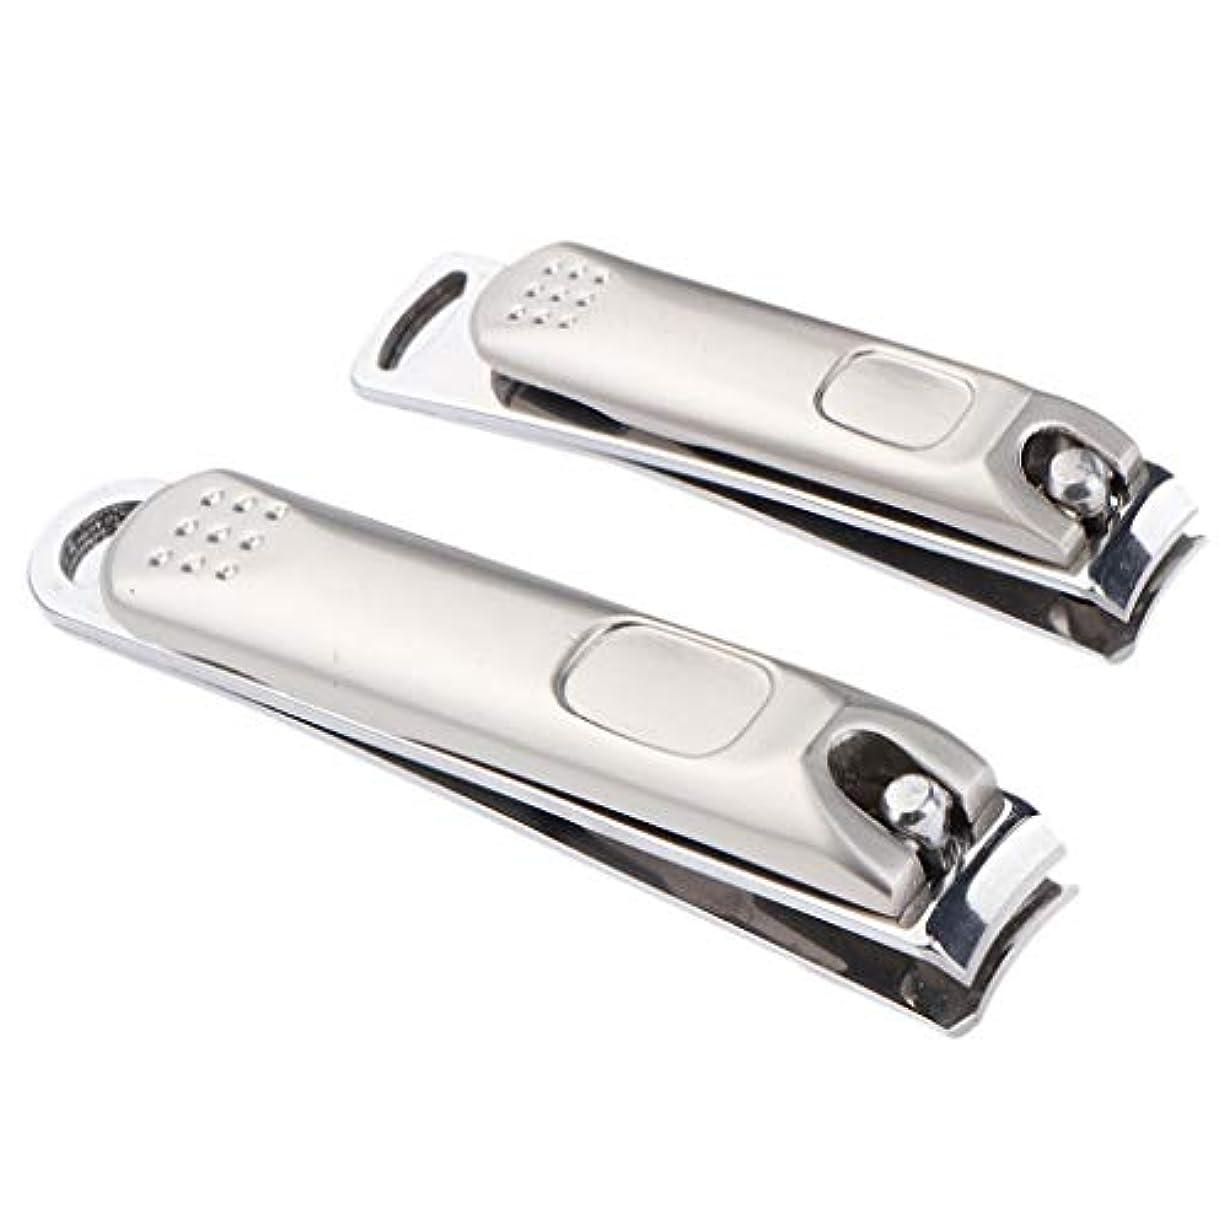 航空することになっている単独でToygogo 爪切りセット爪と足の爪切りカッター、男性用と女性用の2ピース/個ステンレス鋼頑丈なトリマーセット